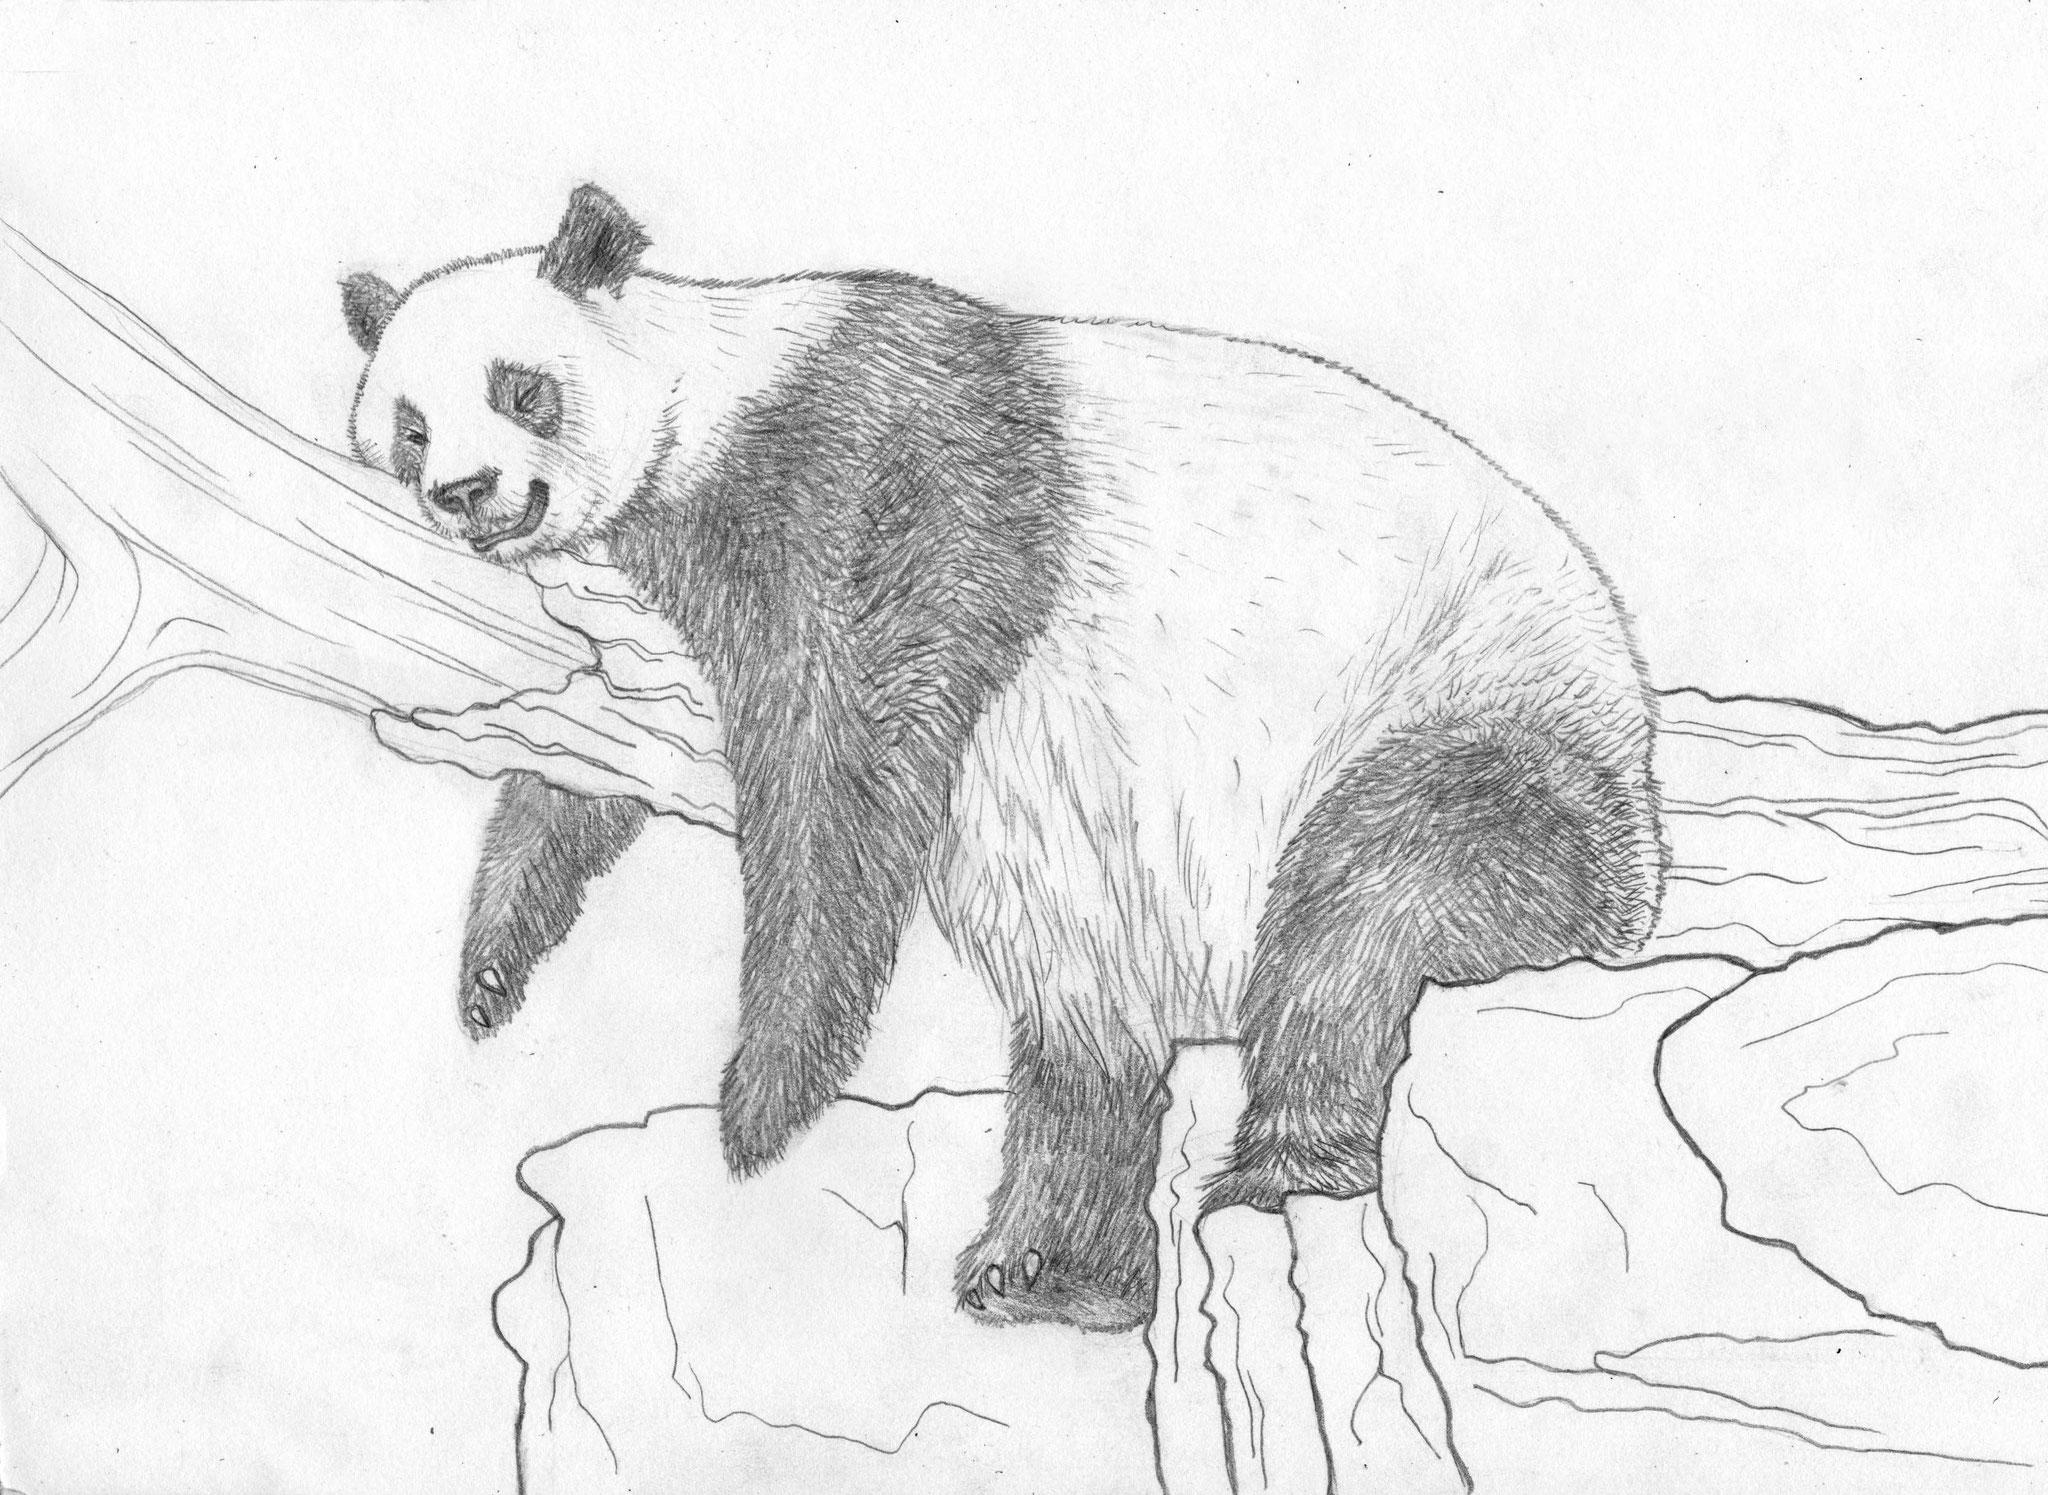 Dessins sur Feuille > Panda